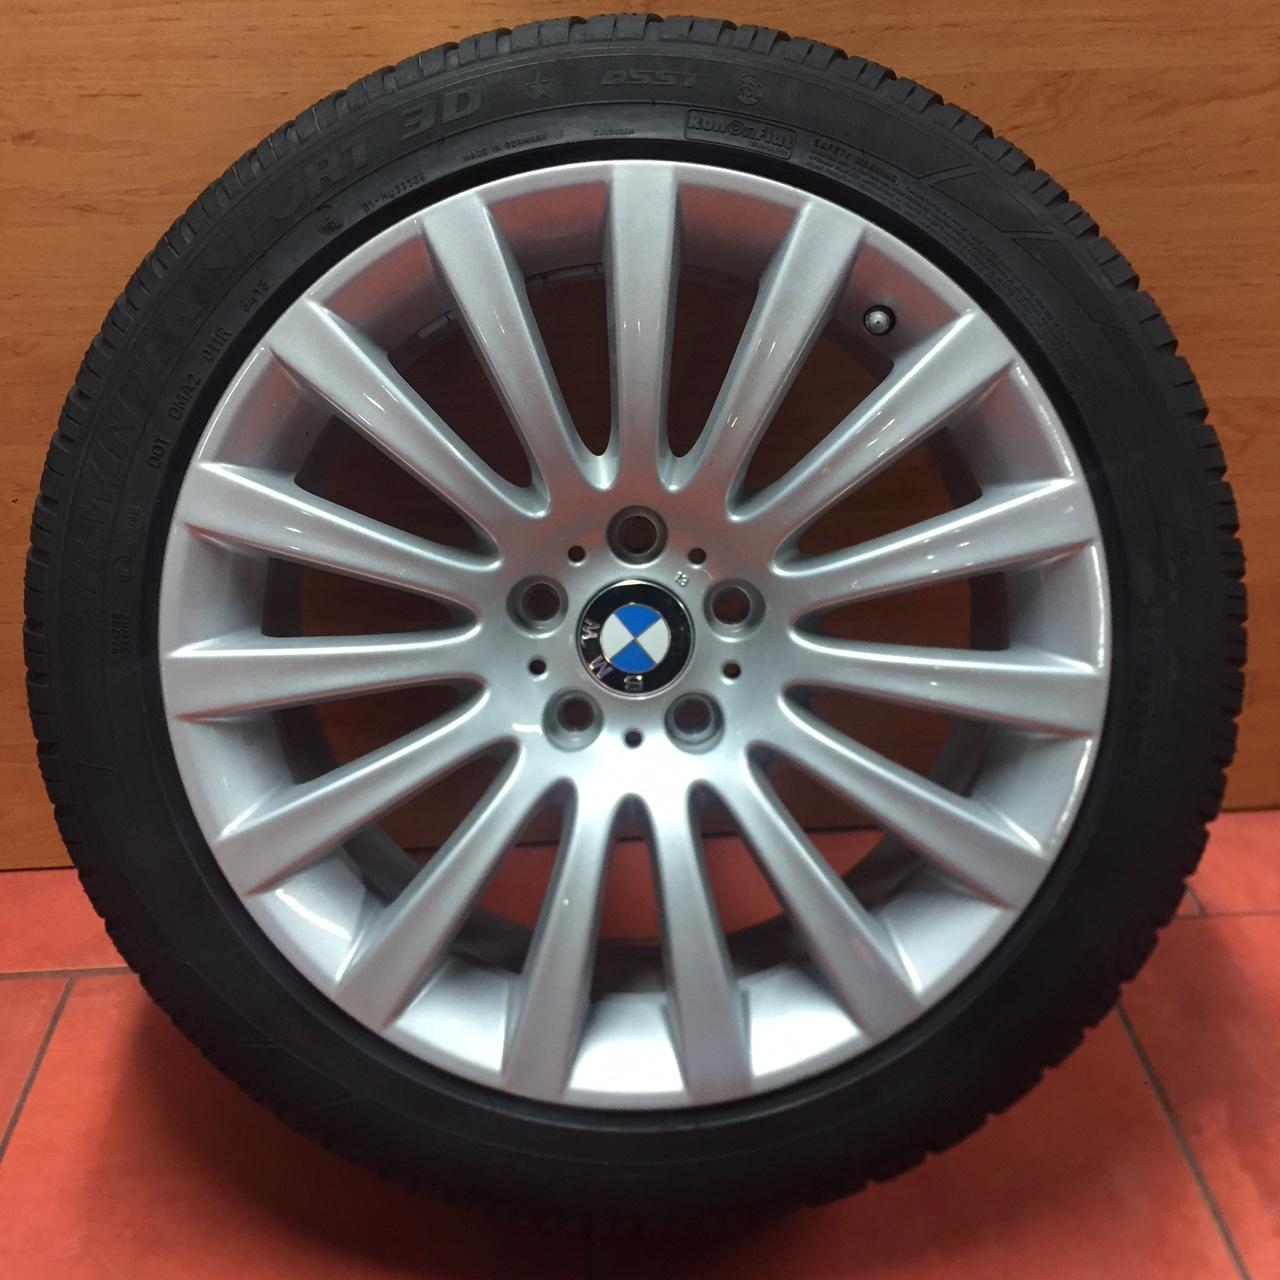 Zimní sada alu kola BMW 7 F01, F07 STYLING 235 8,5x19 5/120 ET25 včetně zimní pneumatiky 245/45 R19 102V DUNLOP